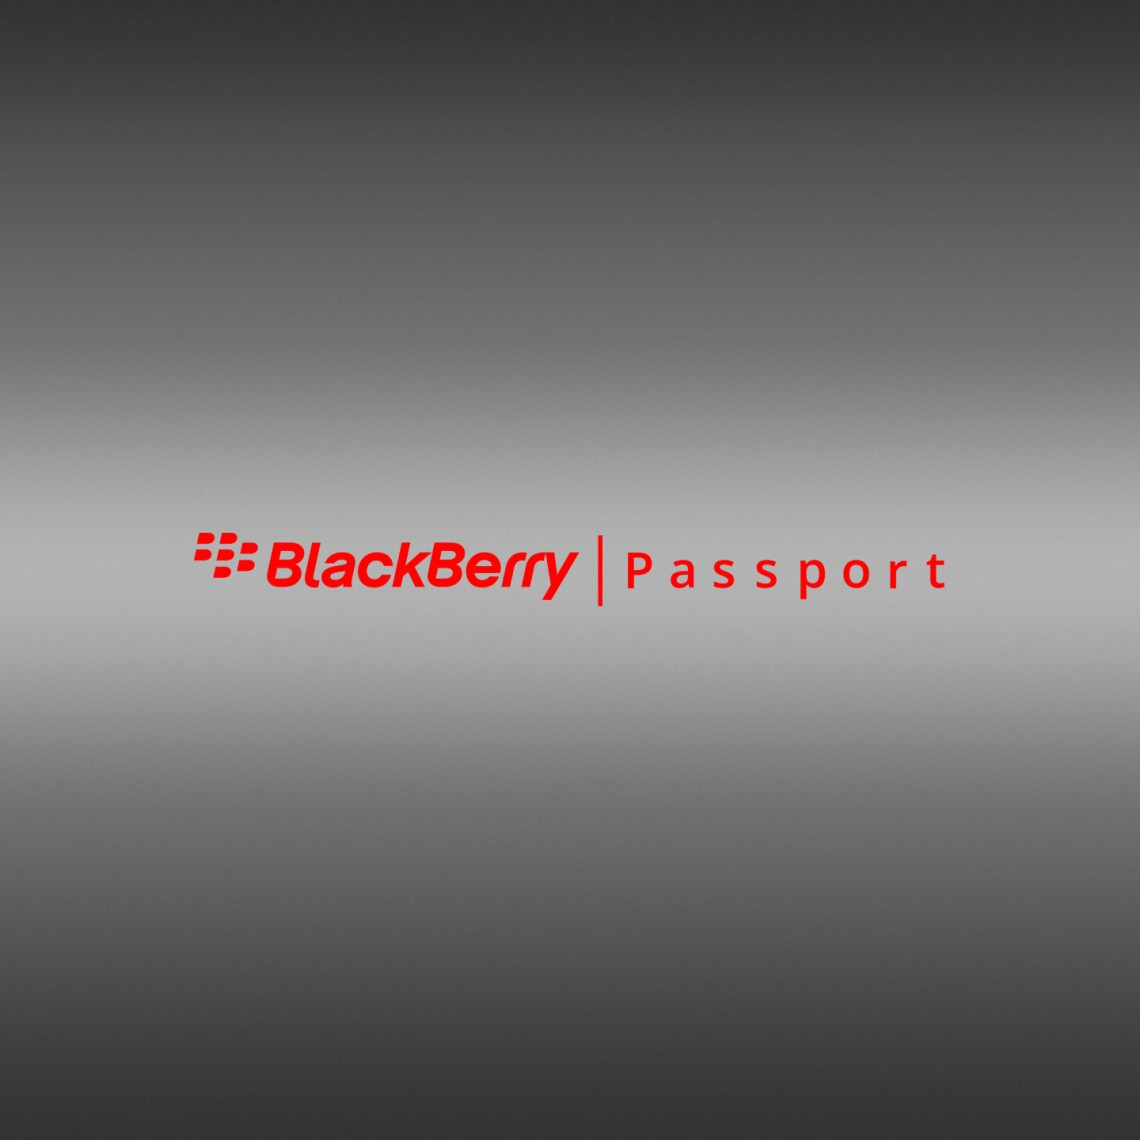 Passport-09